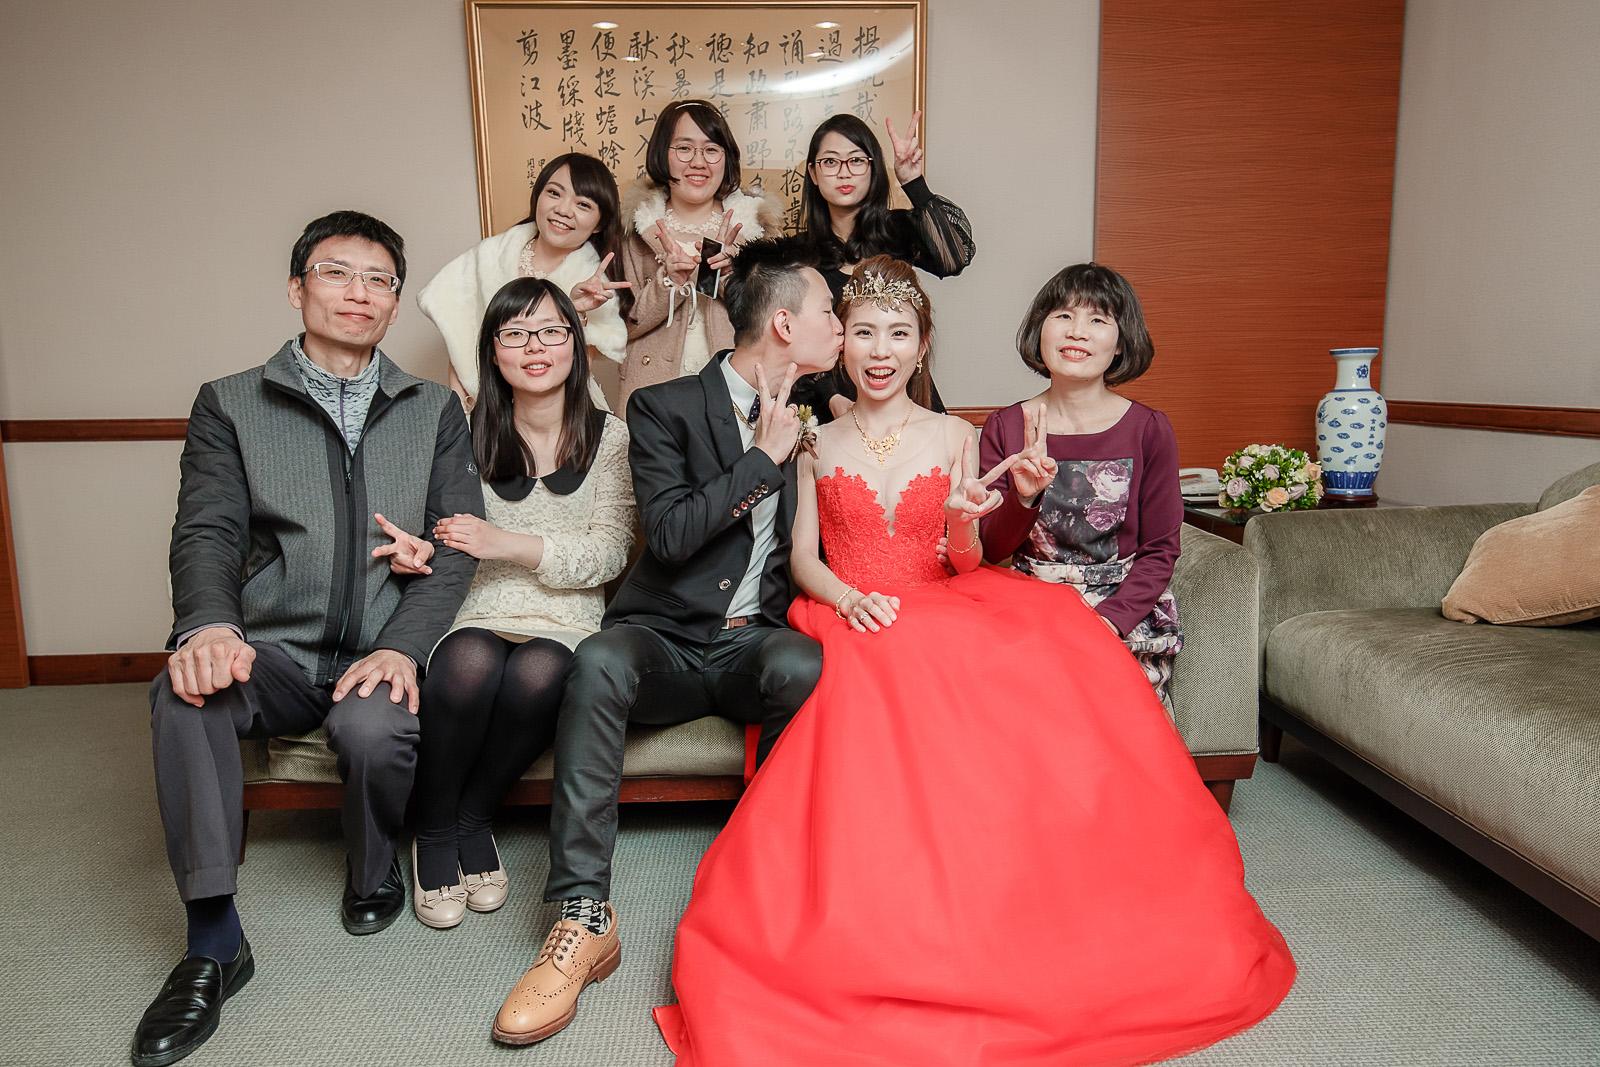 高雄圓山飯店,婚禮攝影,婚攝,高雄婚攝,優質婚攝推薦,Jen&Ethan-052